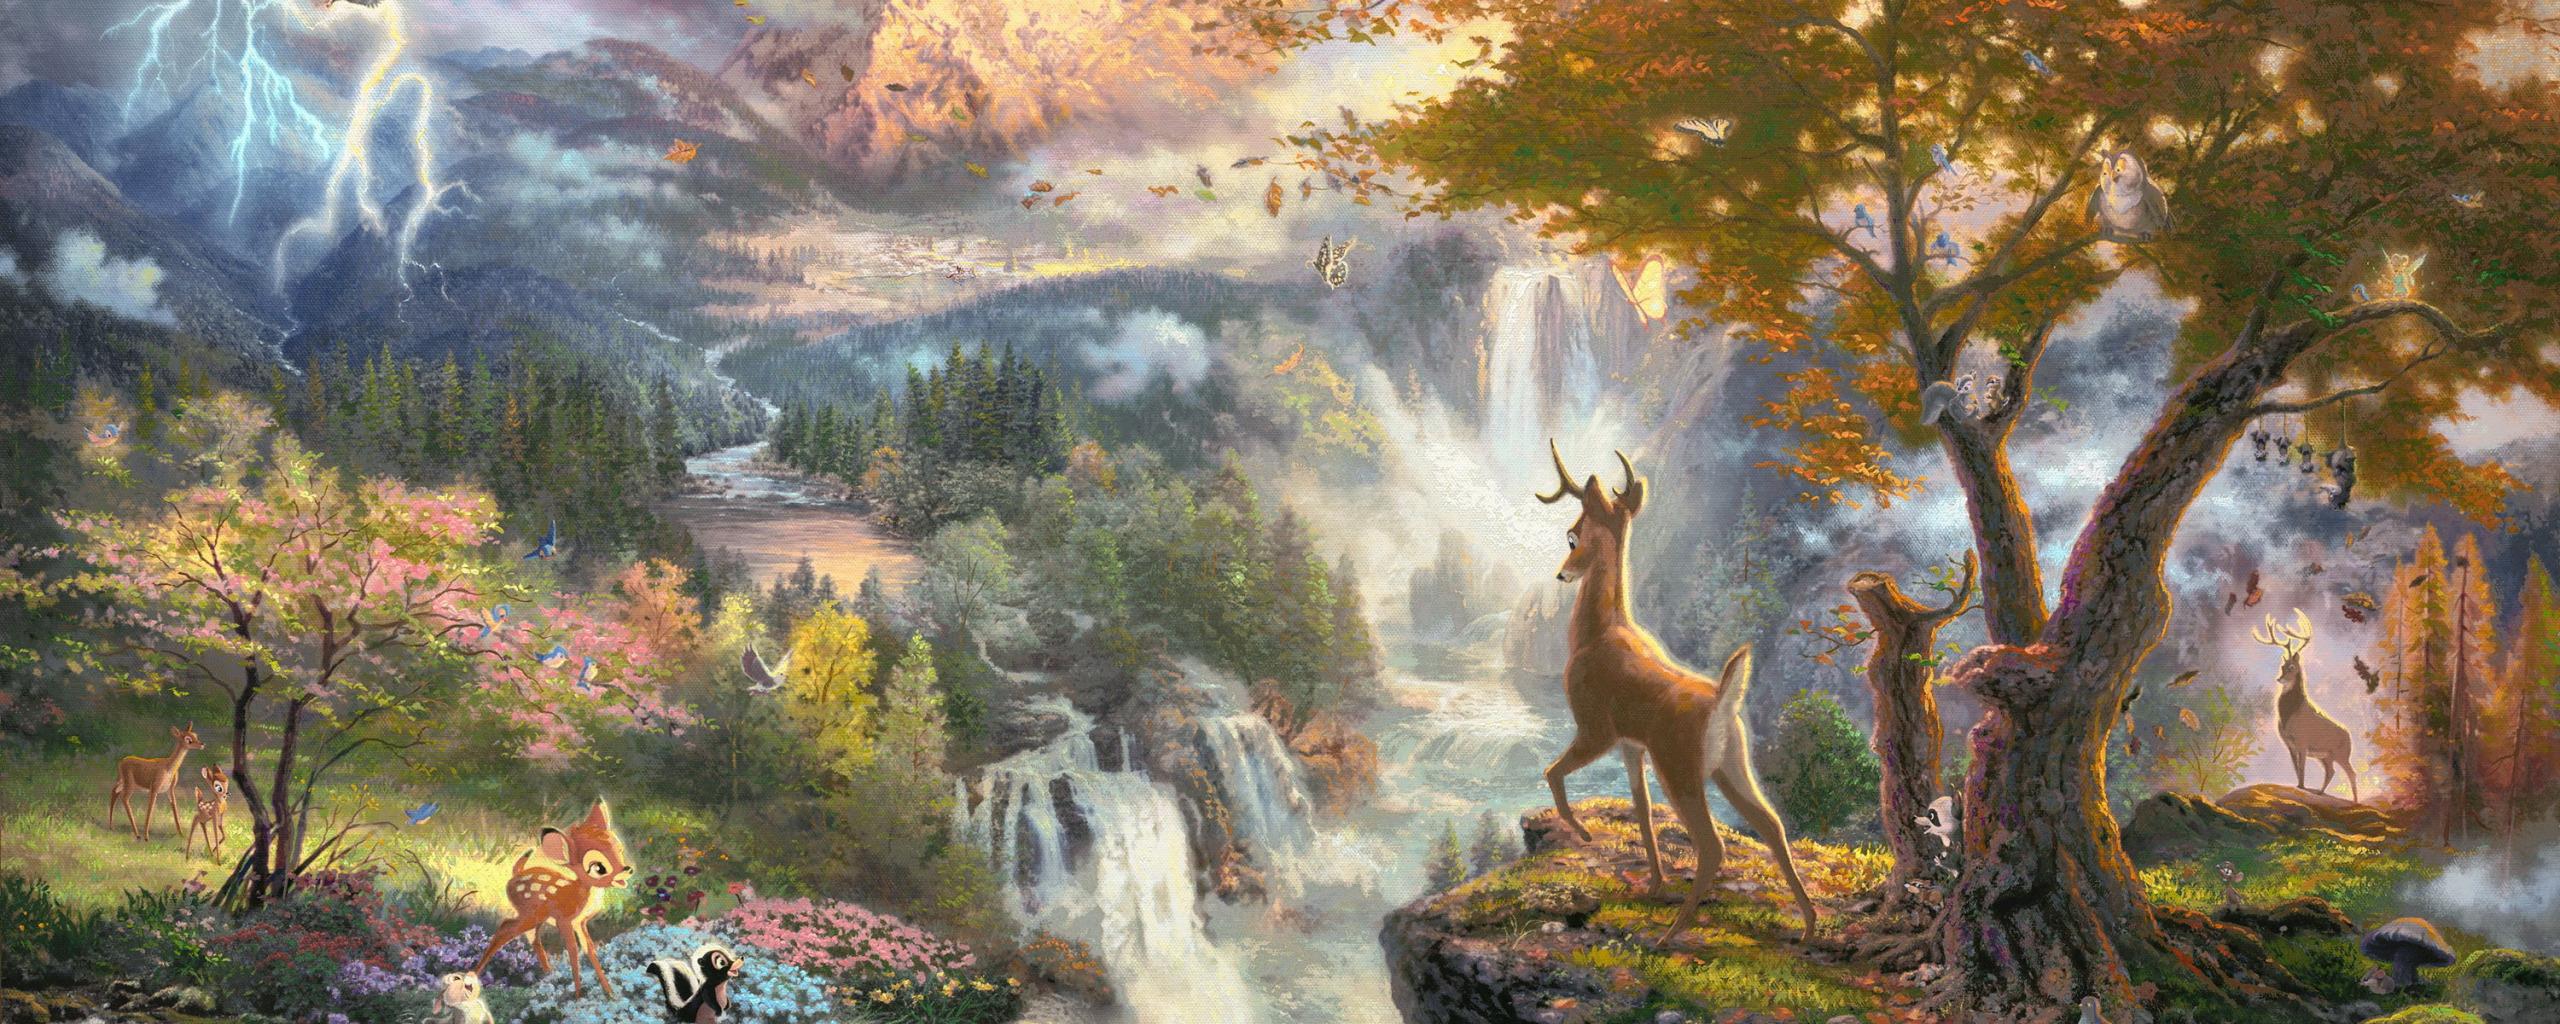 Картинки природа уолта диснея